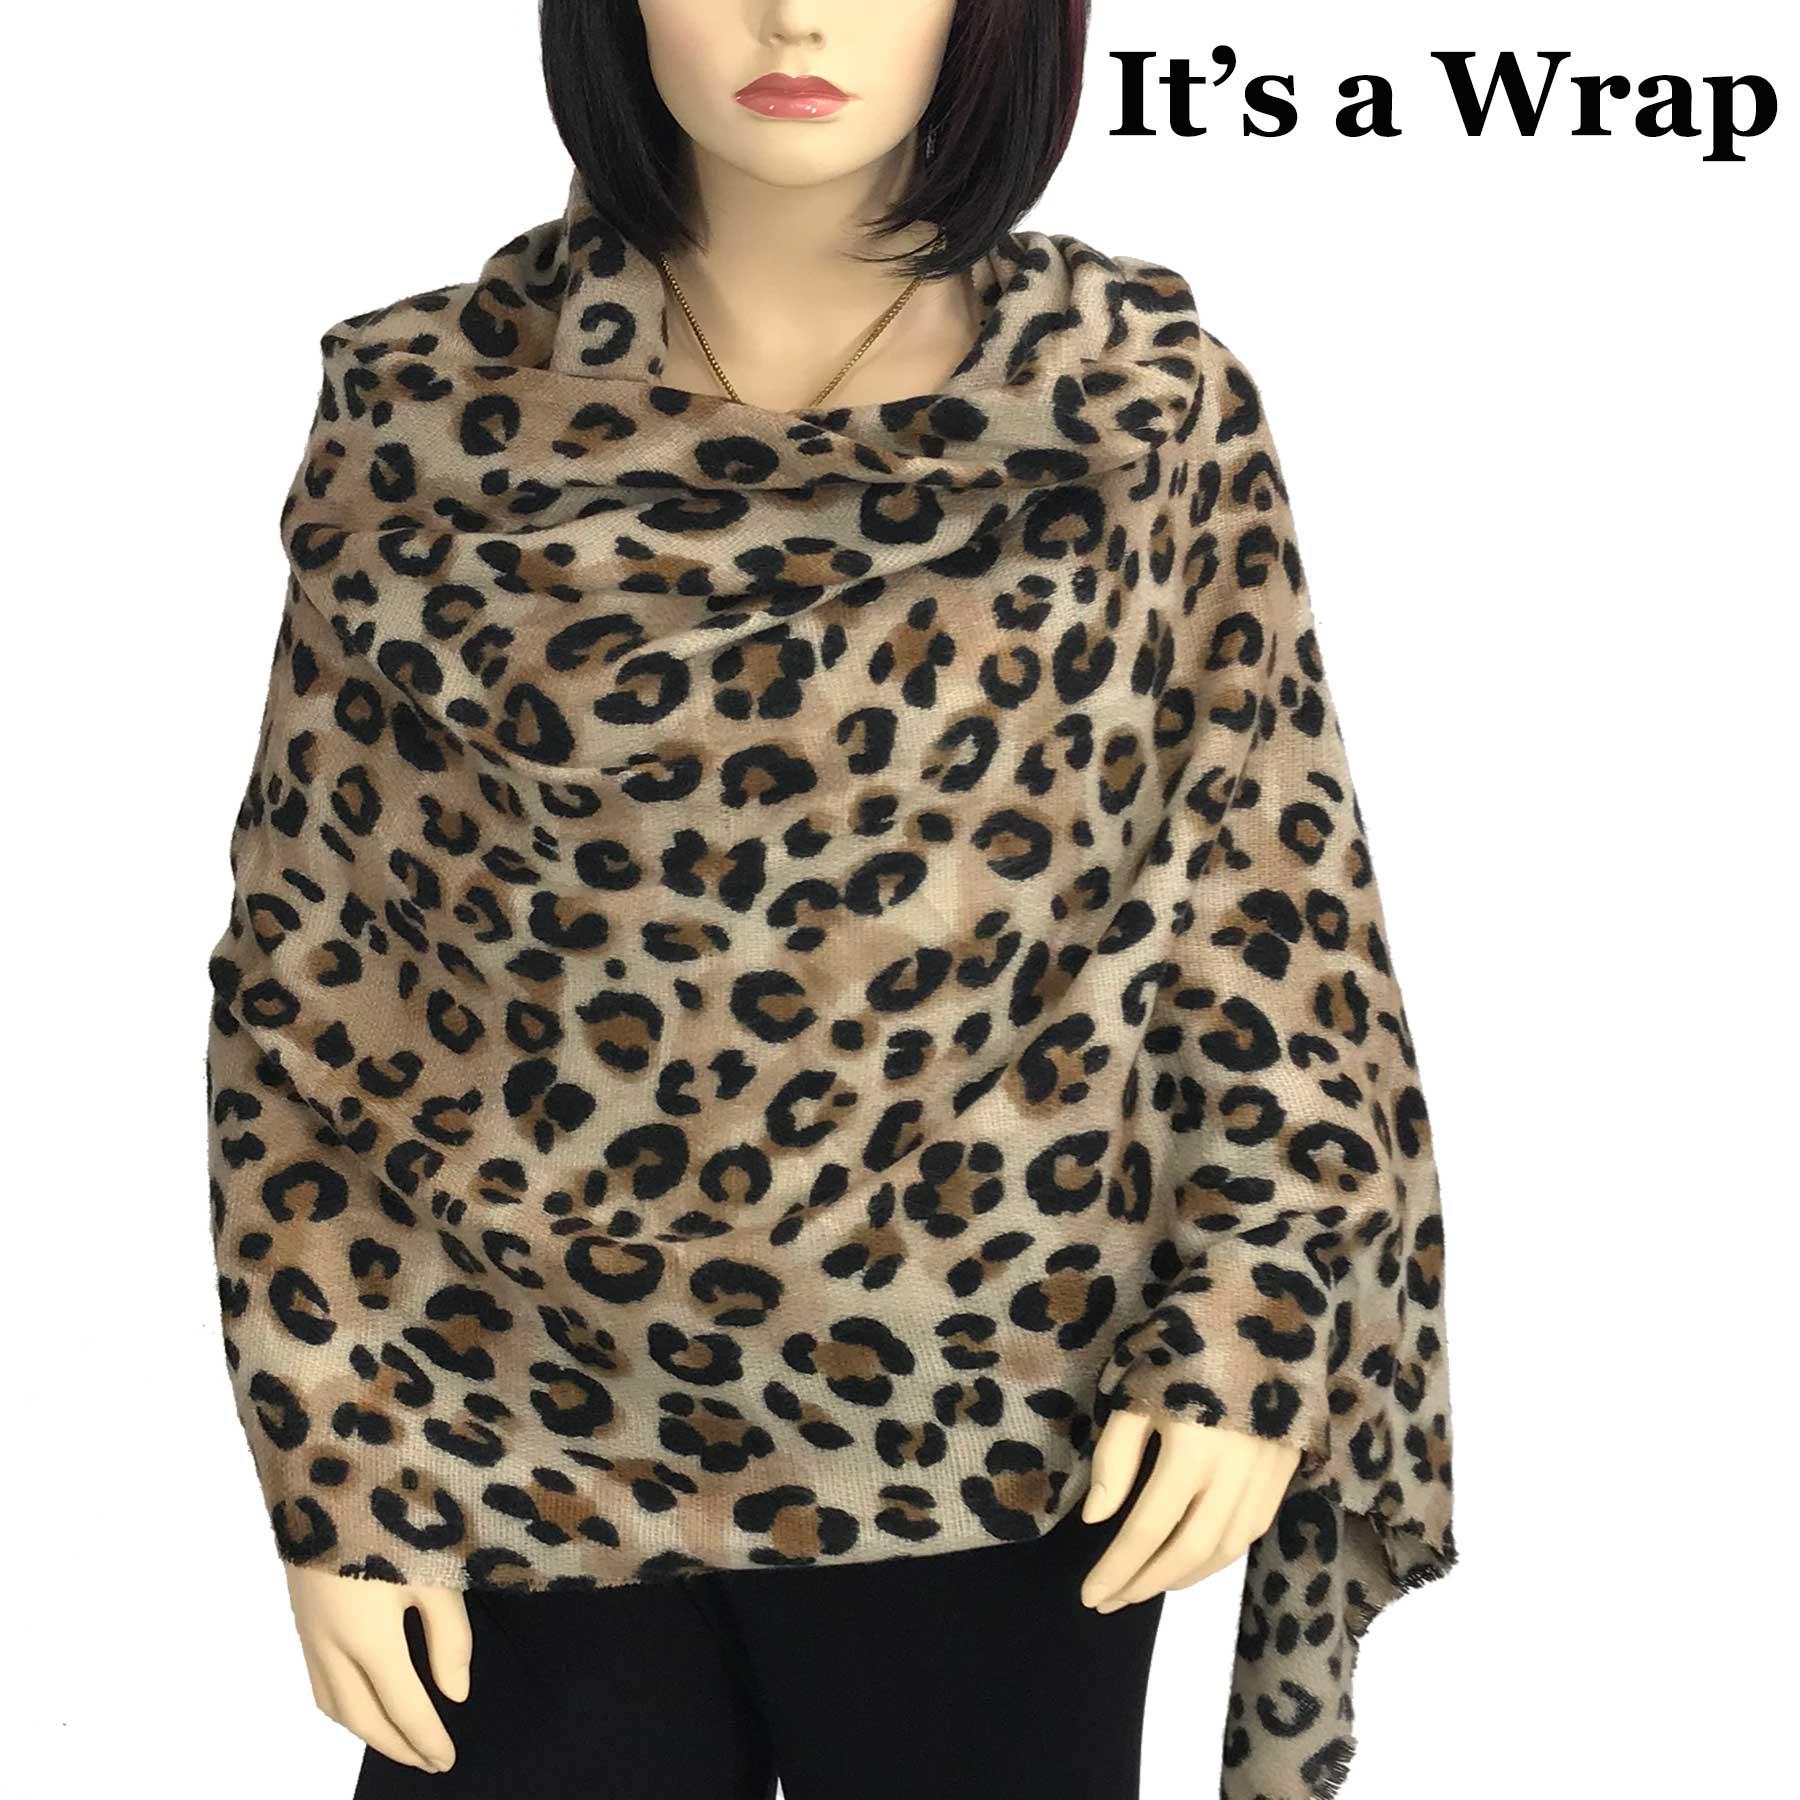 Shawl/Wrap - Brushed Leopard 9474*